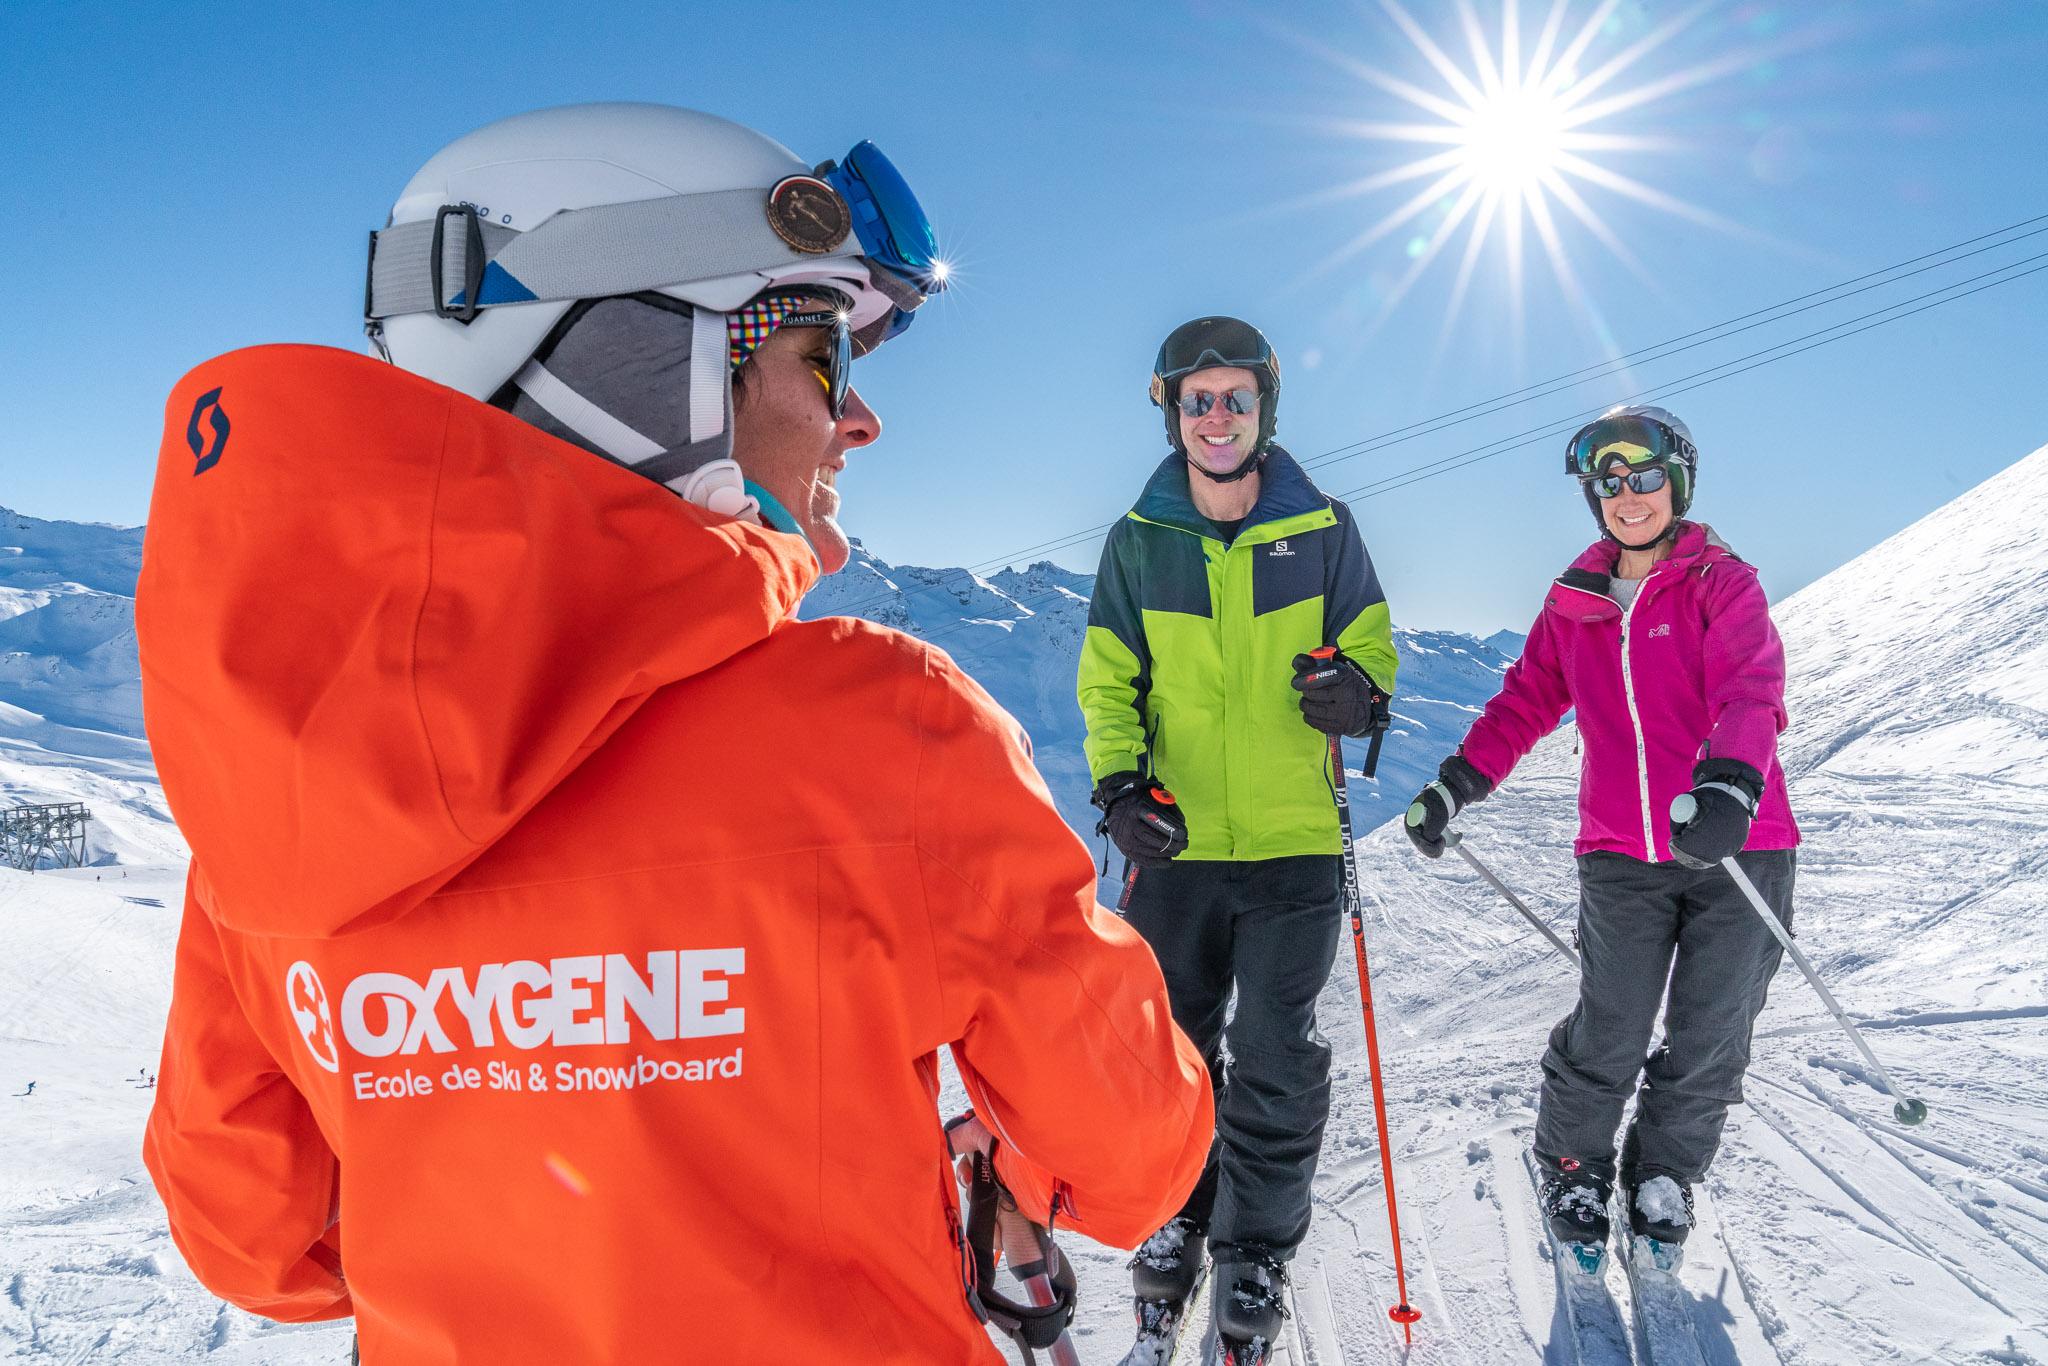 veste ski megeve,veste ski snowboard,veste ski salomon